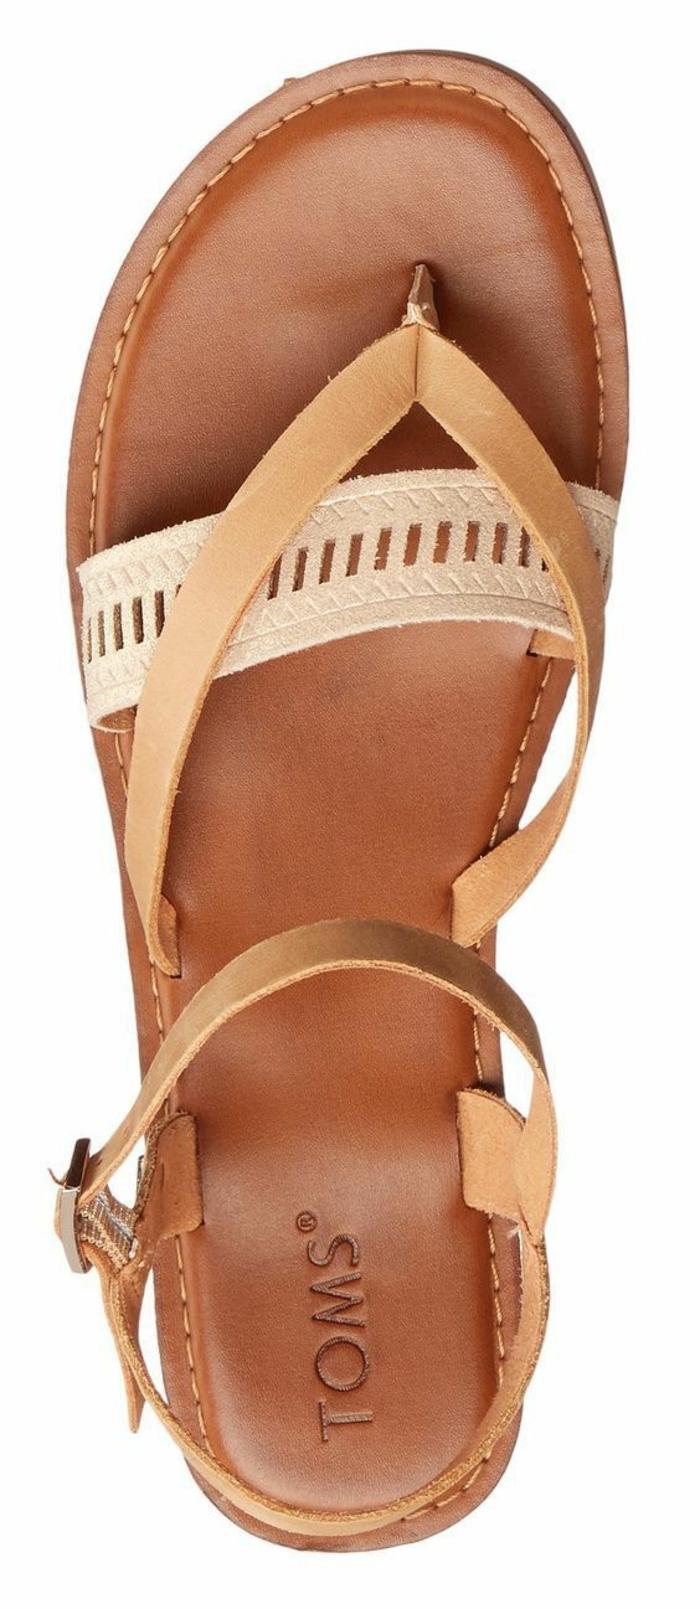 sandale femme plate TOMS en marron beige et blanc style flip flop devant